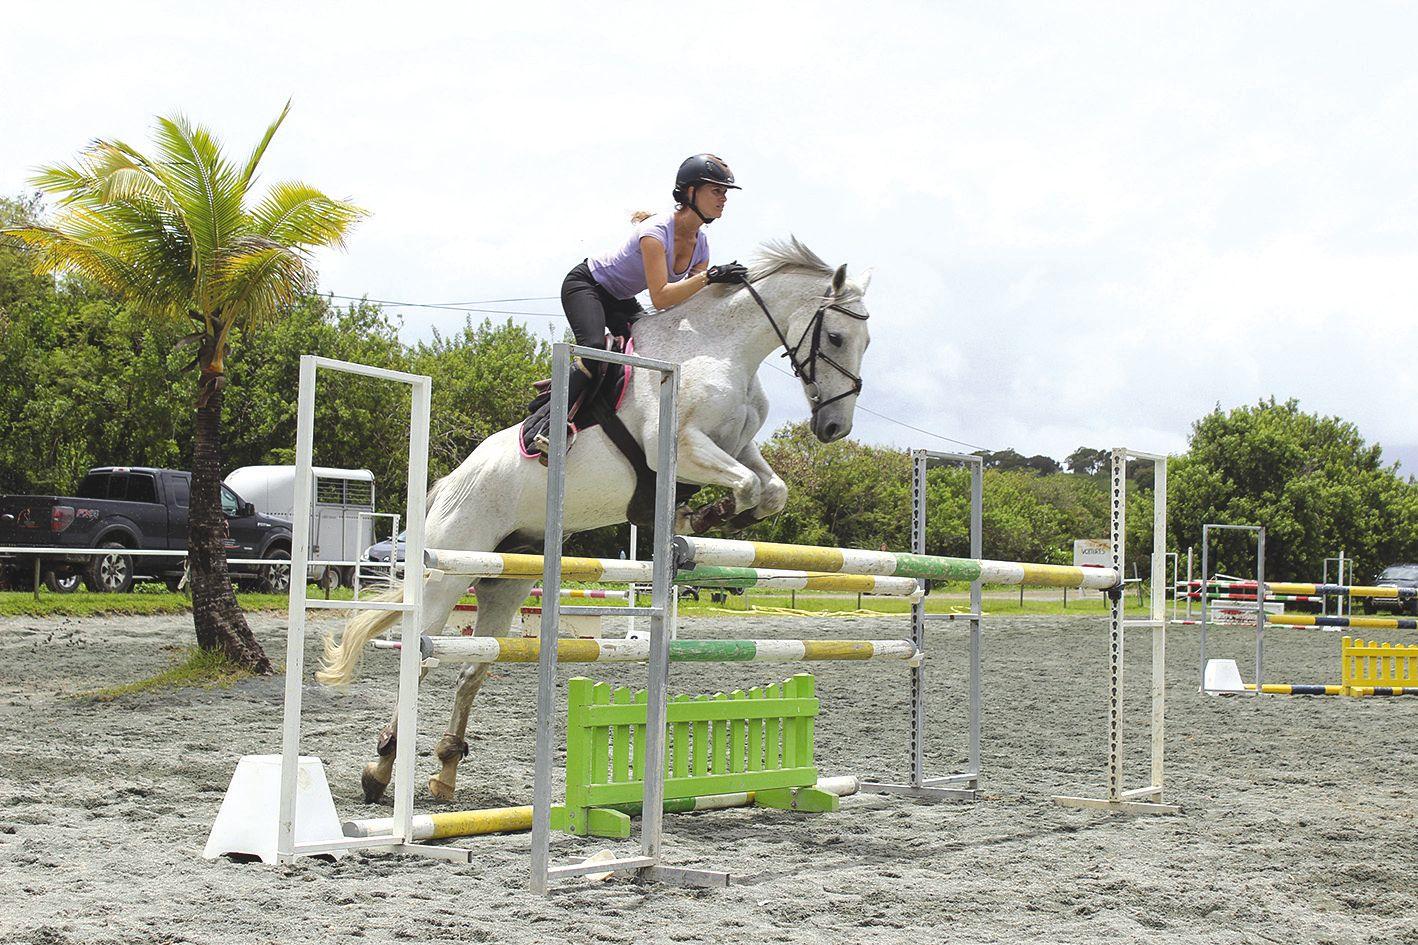 Ils sont 35 cavaliers et cavalières à avoir bravé la pluie toute la semaine dernière pour suivre les cours de Jean-Pierre Cosnuau, à La Gourmette, à Nouméa. Une session qui s'est terminée samedi avec le retour du beau temps.